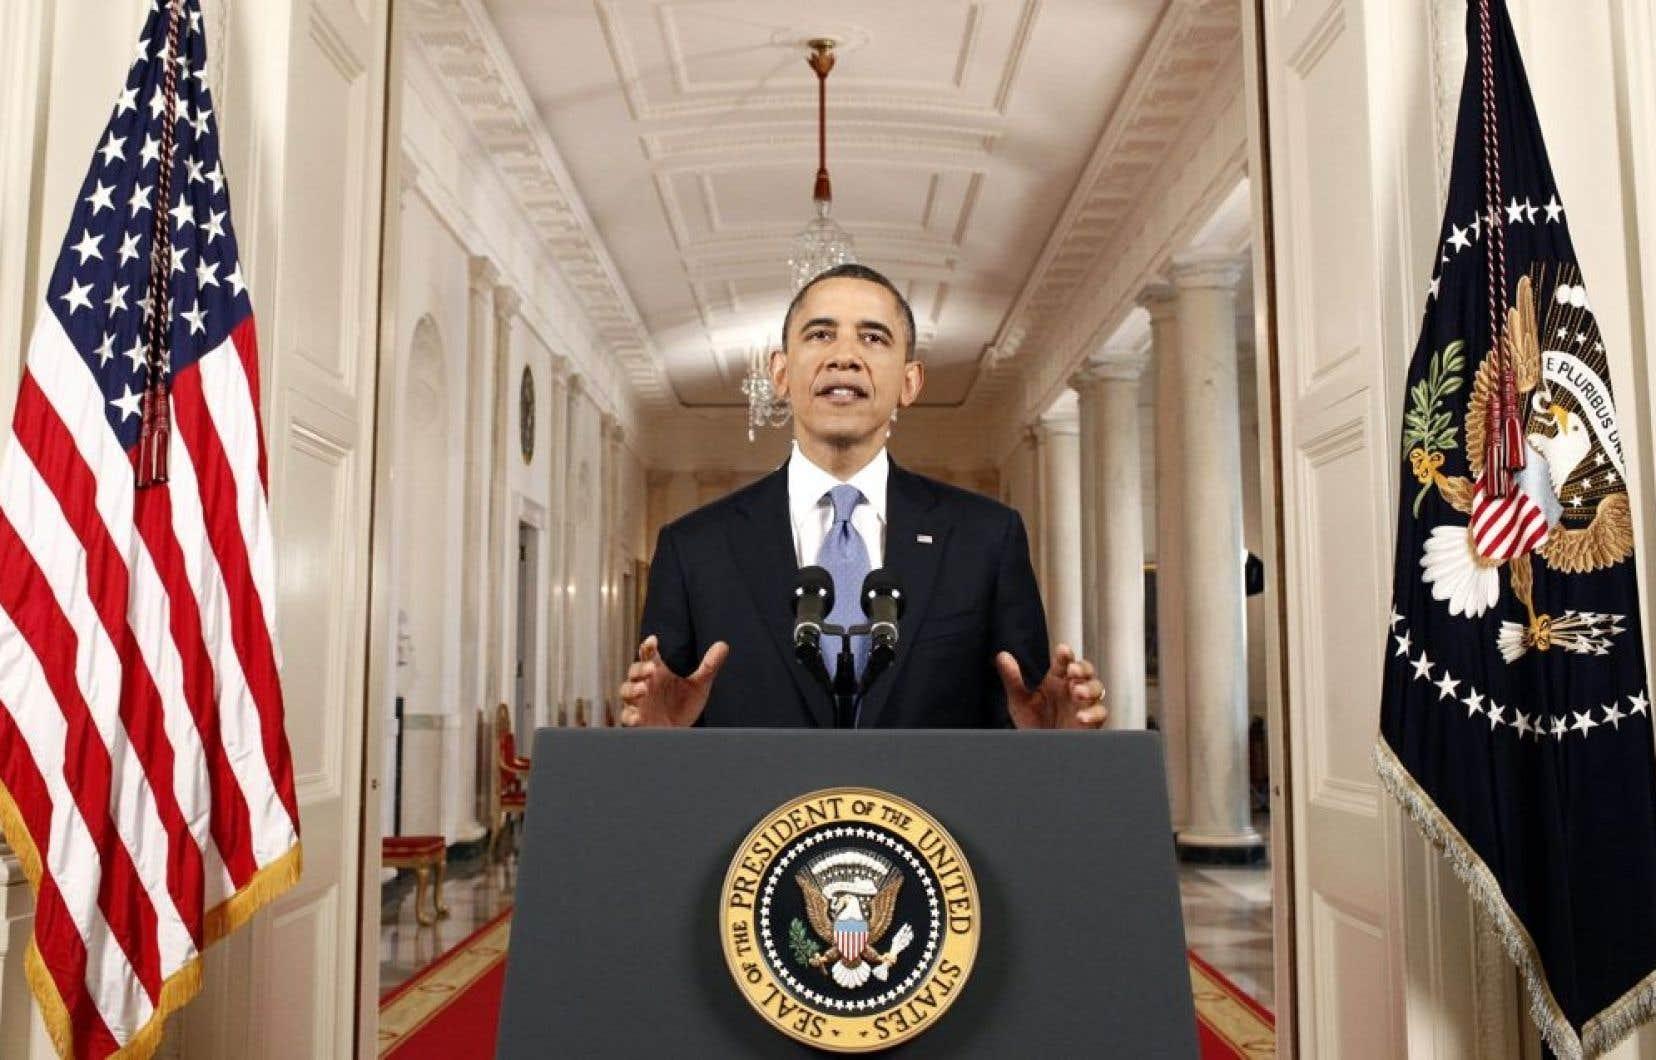 Avant son départ à Hawaï, le président Obama avait déclaré aux journalistes que les élus et lui se retrouveraient à Washington entre Noël et le Nouvel An pour négocier une entente sur le «précipice fiscal».